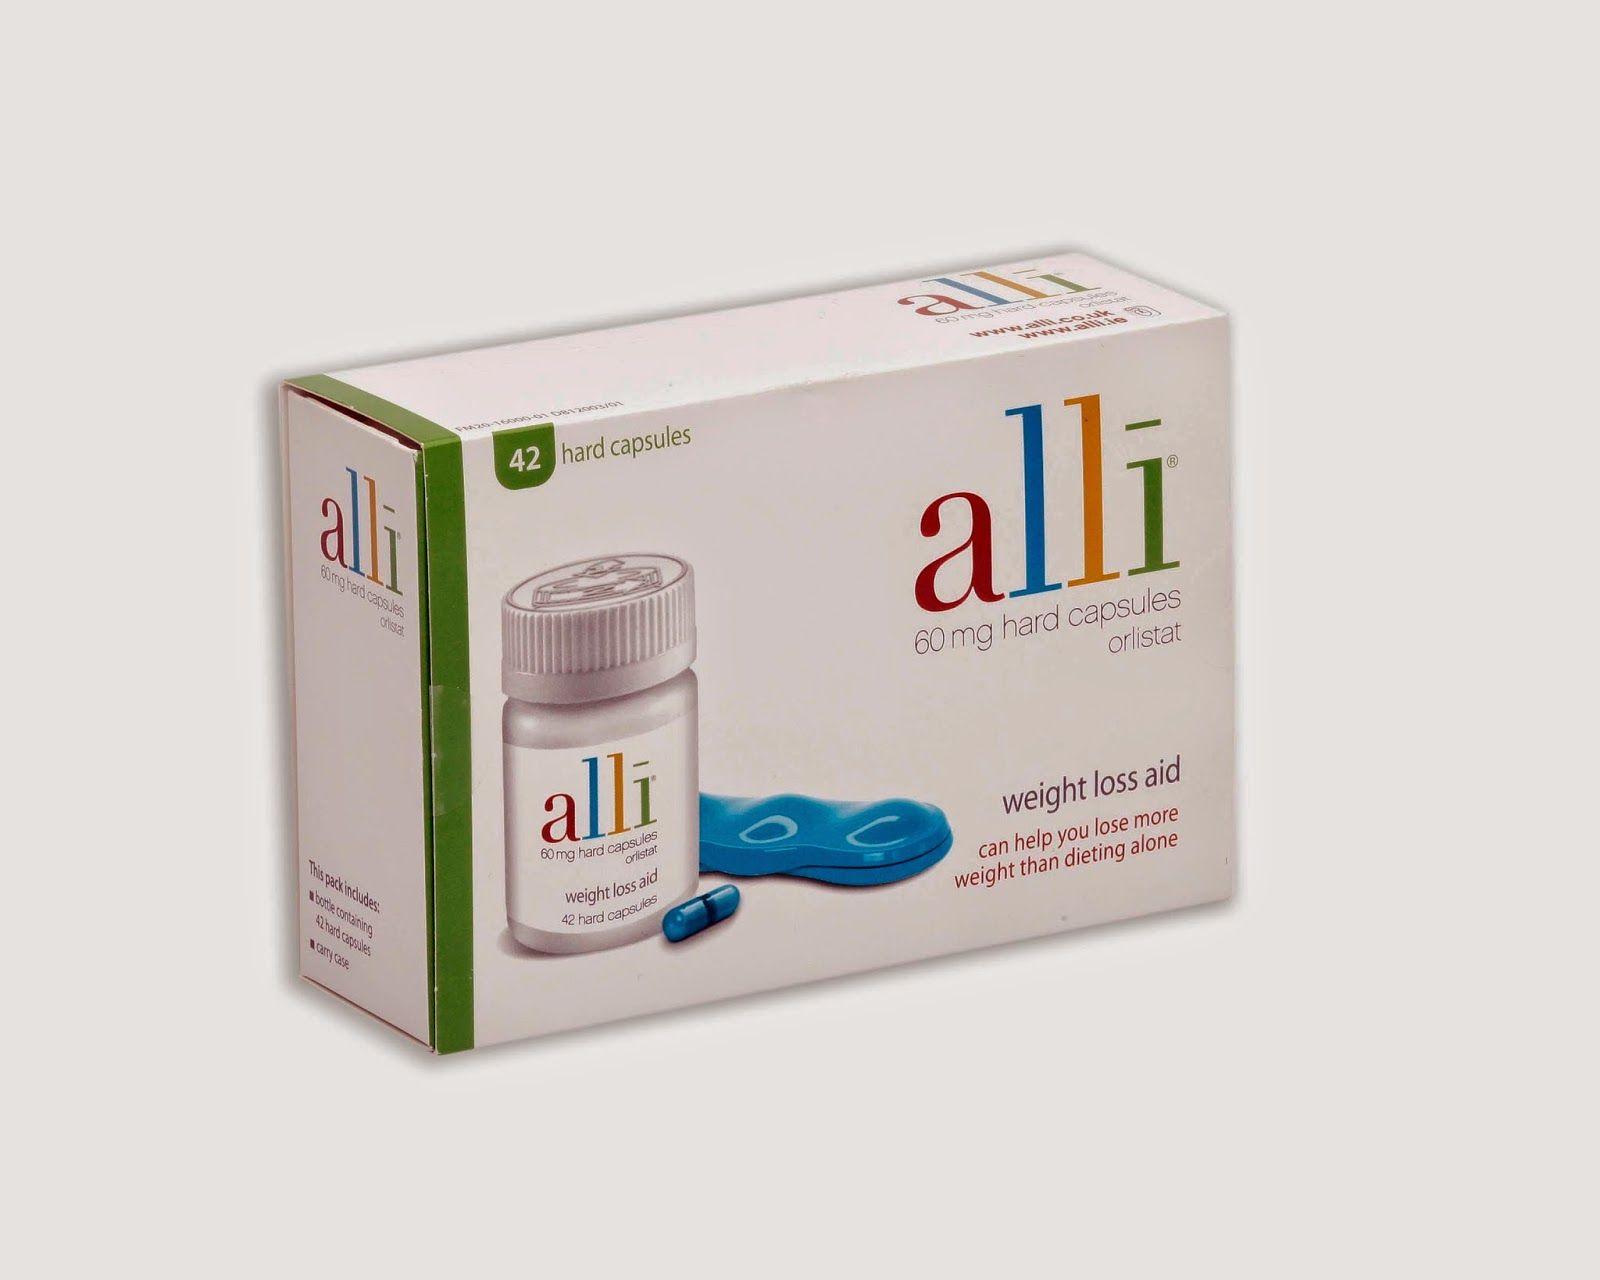 News Flash Fda Approved Alli Diet Pills Recalled Alli Diet Pills